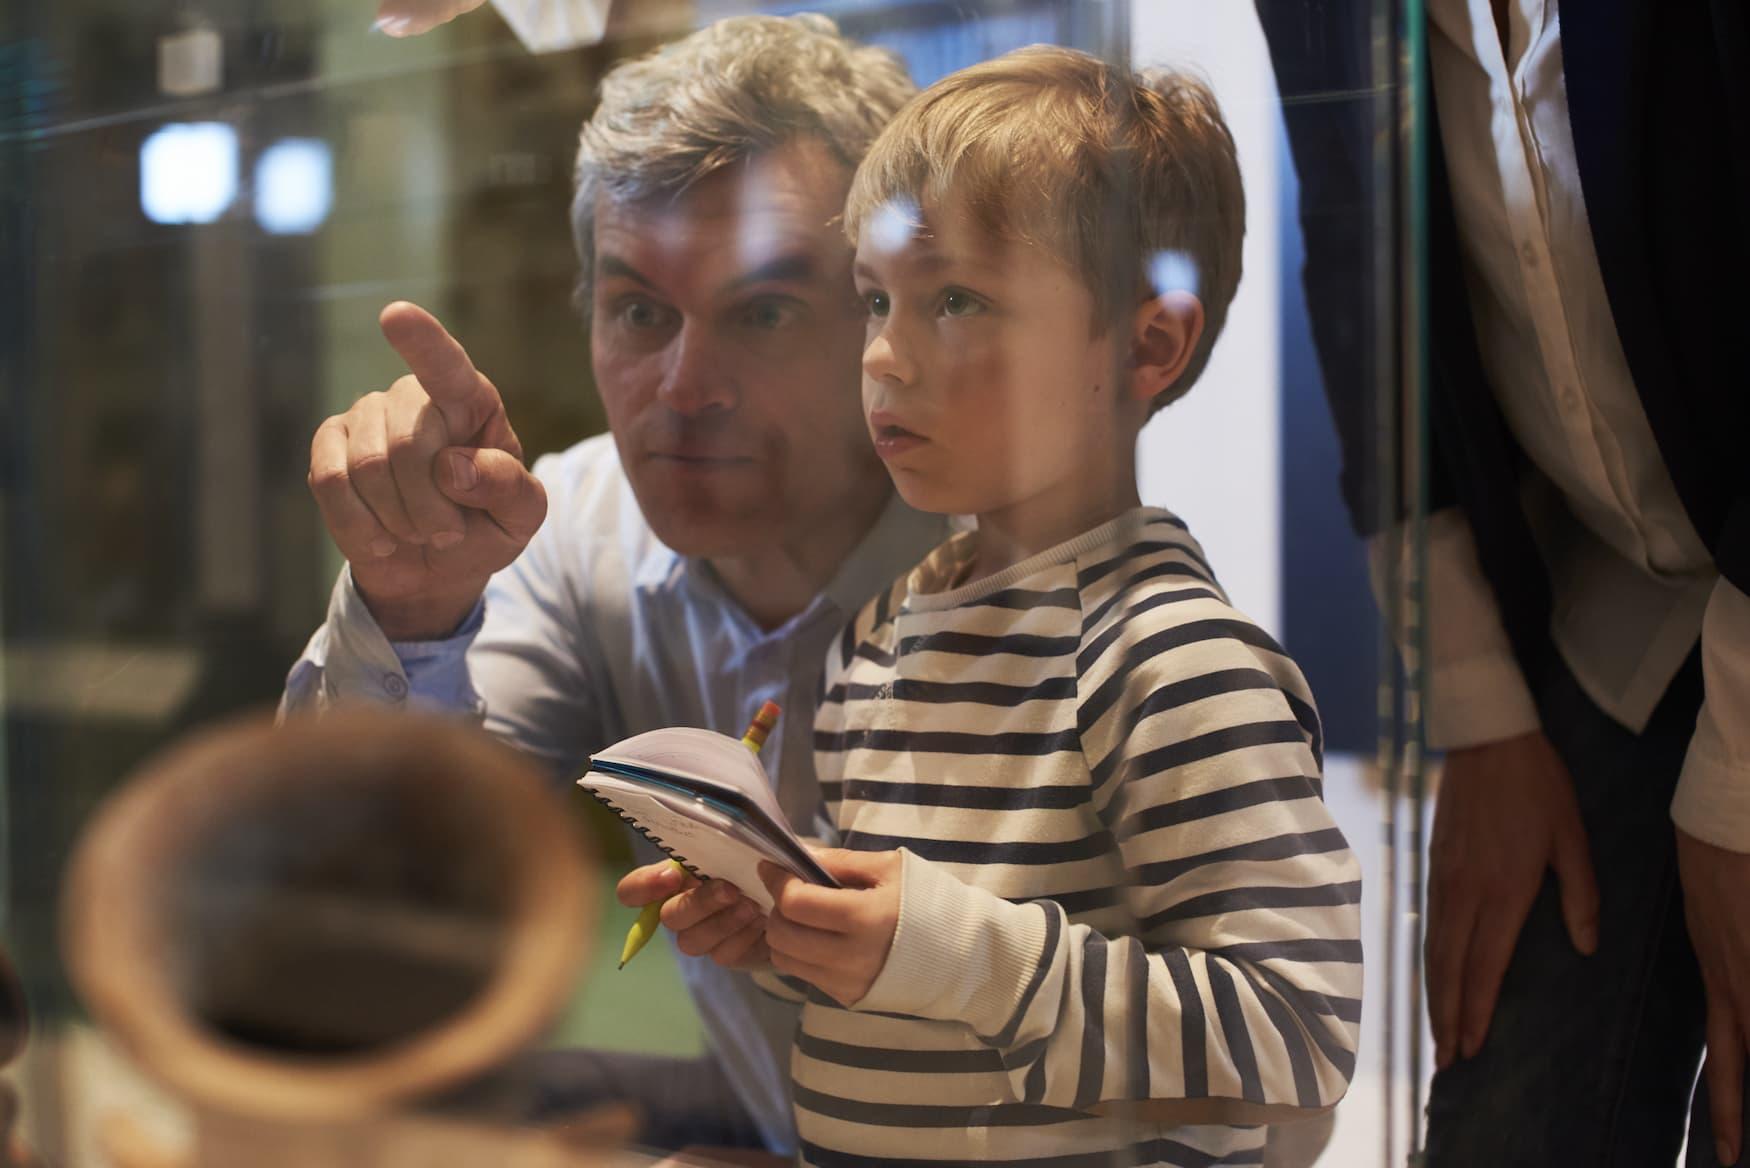 Vater und Sohn bei einem Museumsbesuch